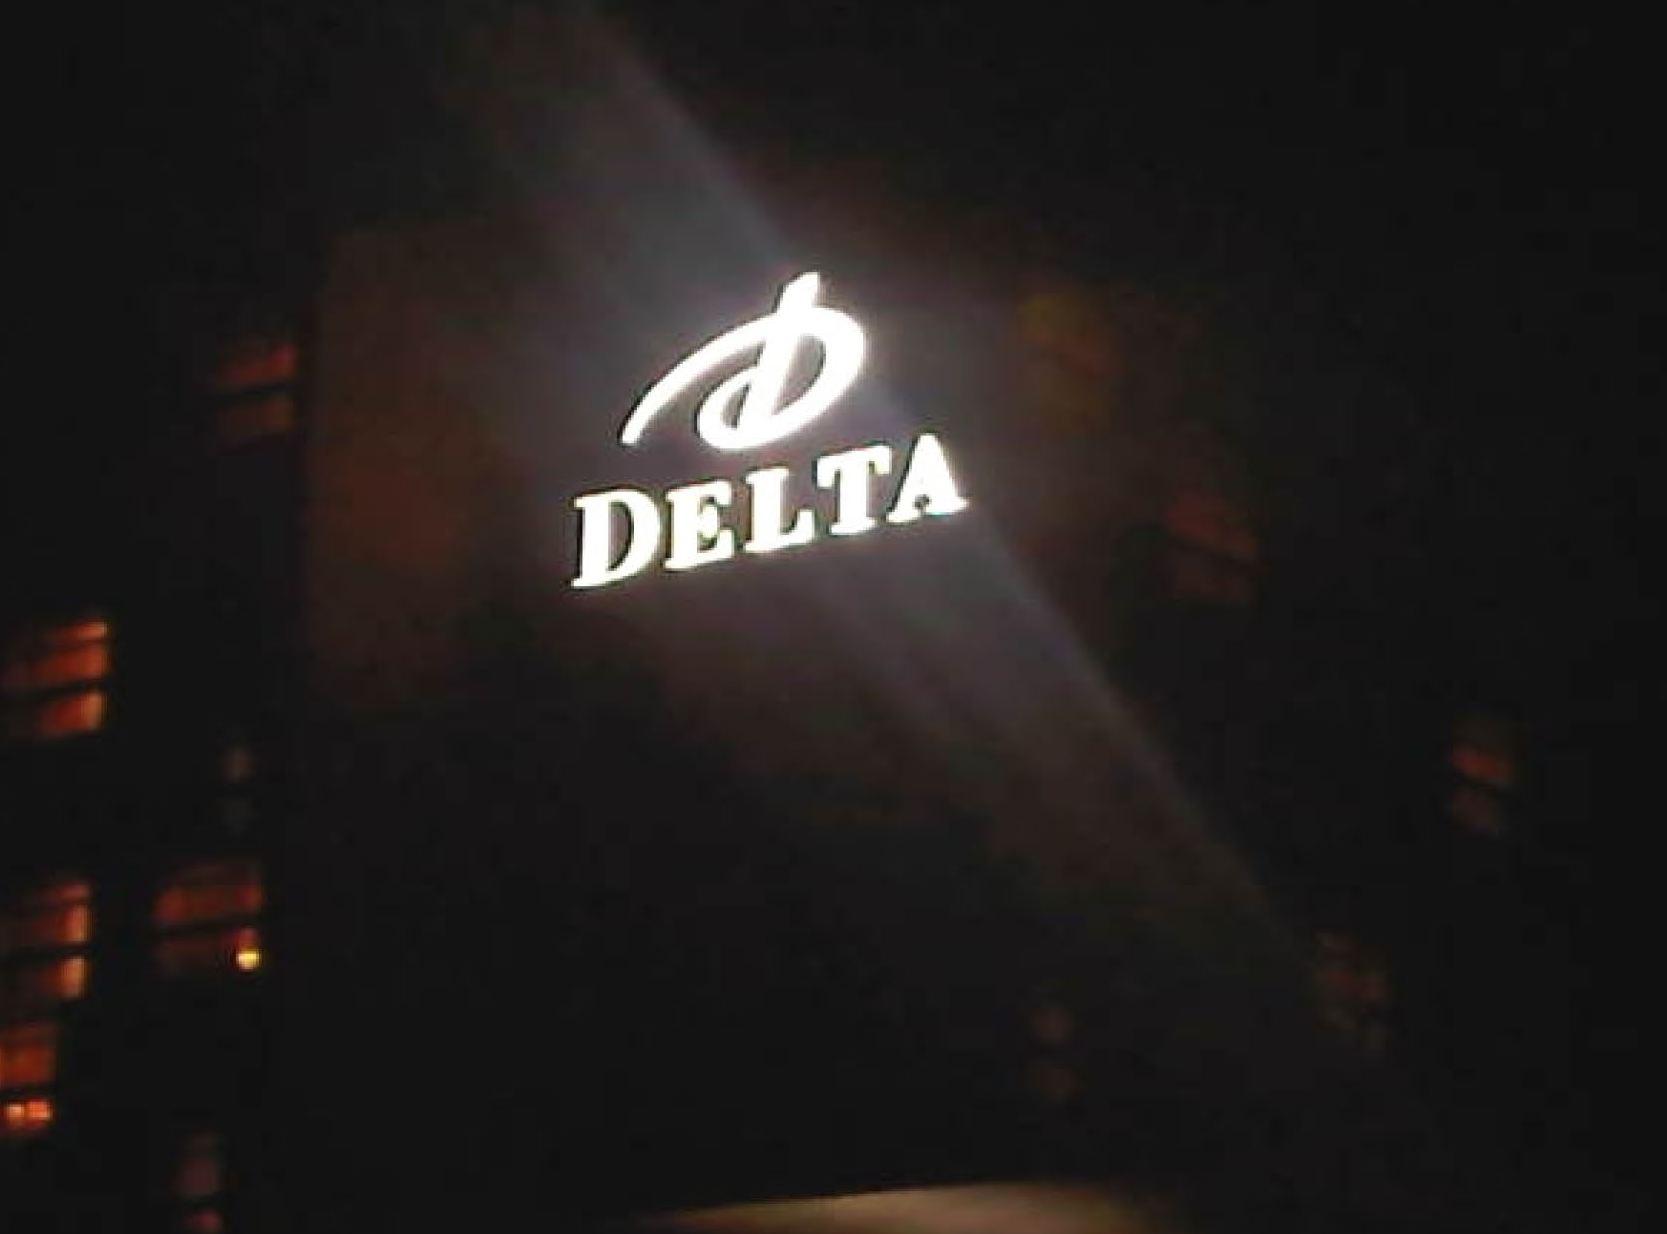 Delta Night.jpg